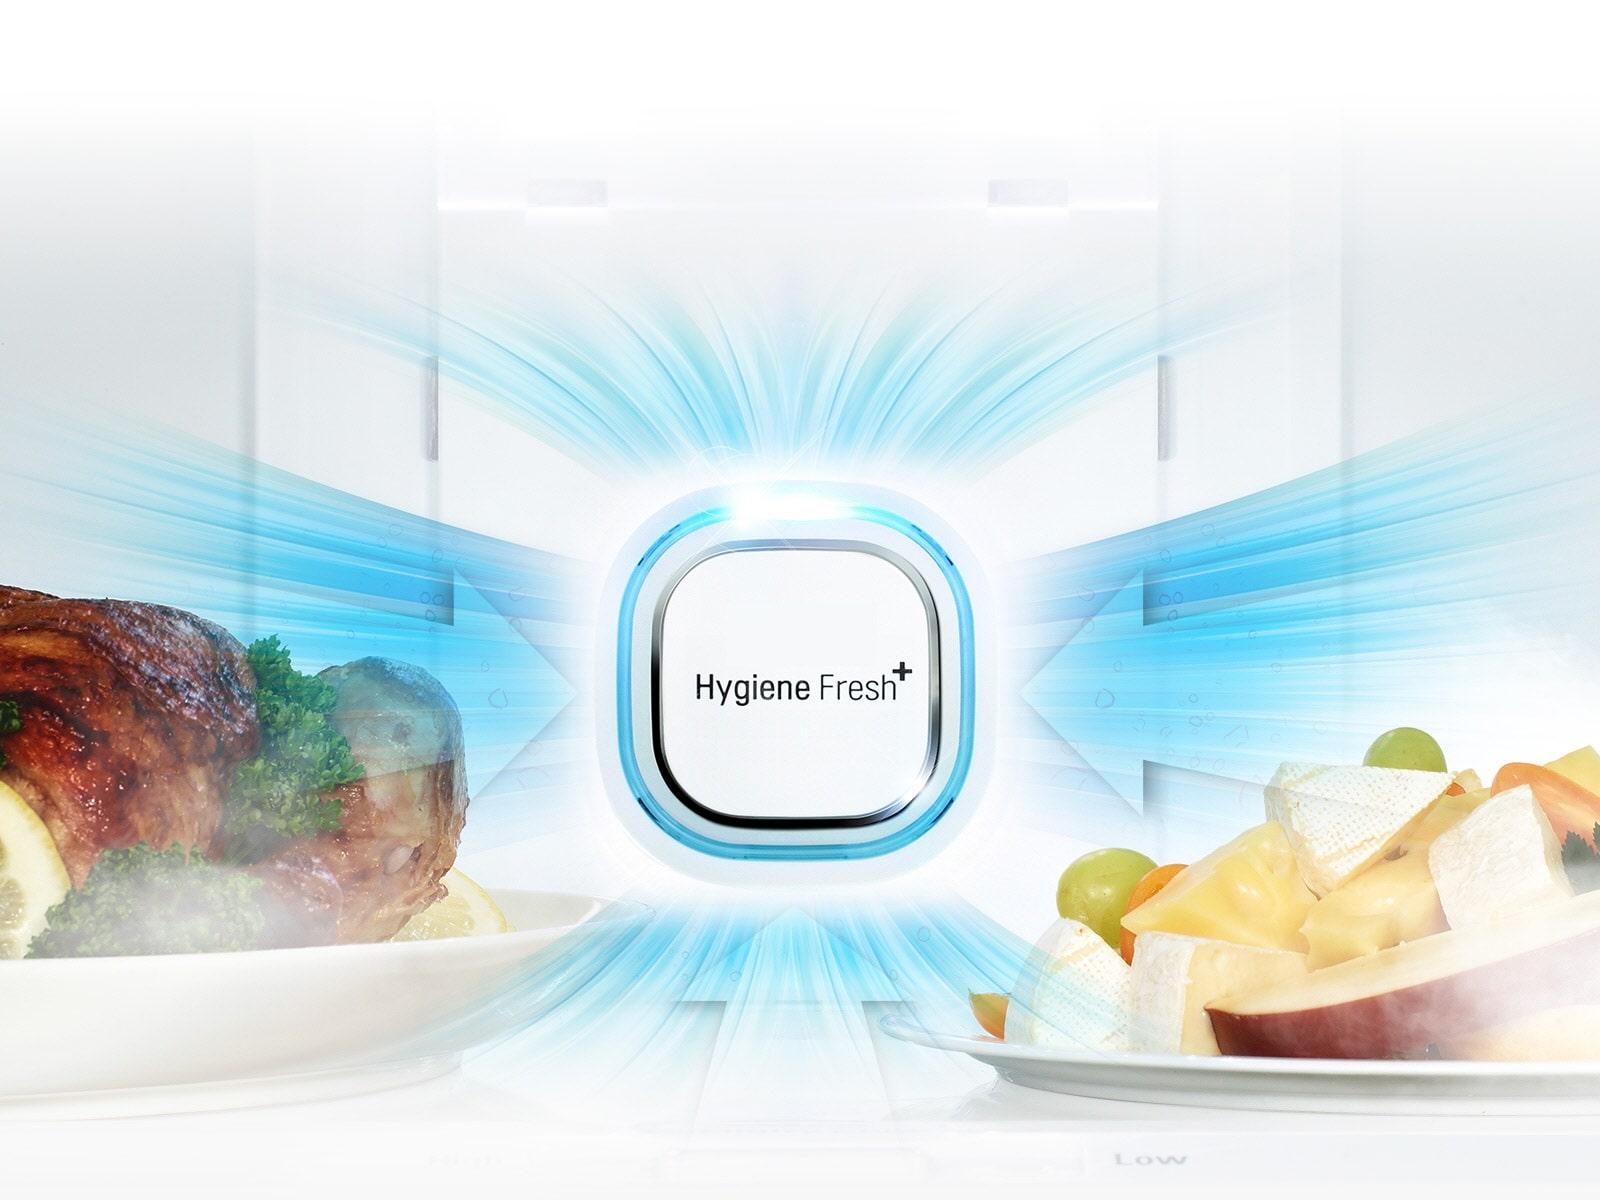 REF-Alpha7-Disp-PlatinumSilver3-04-HygieneFresh-Desktop